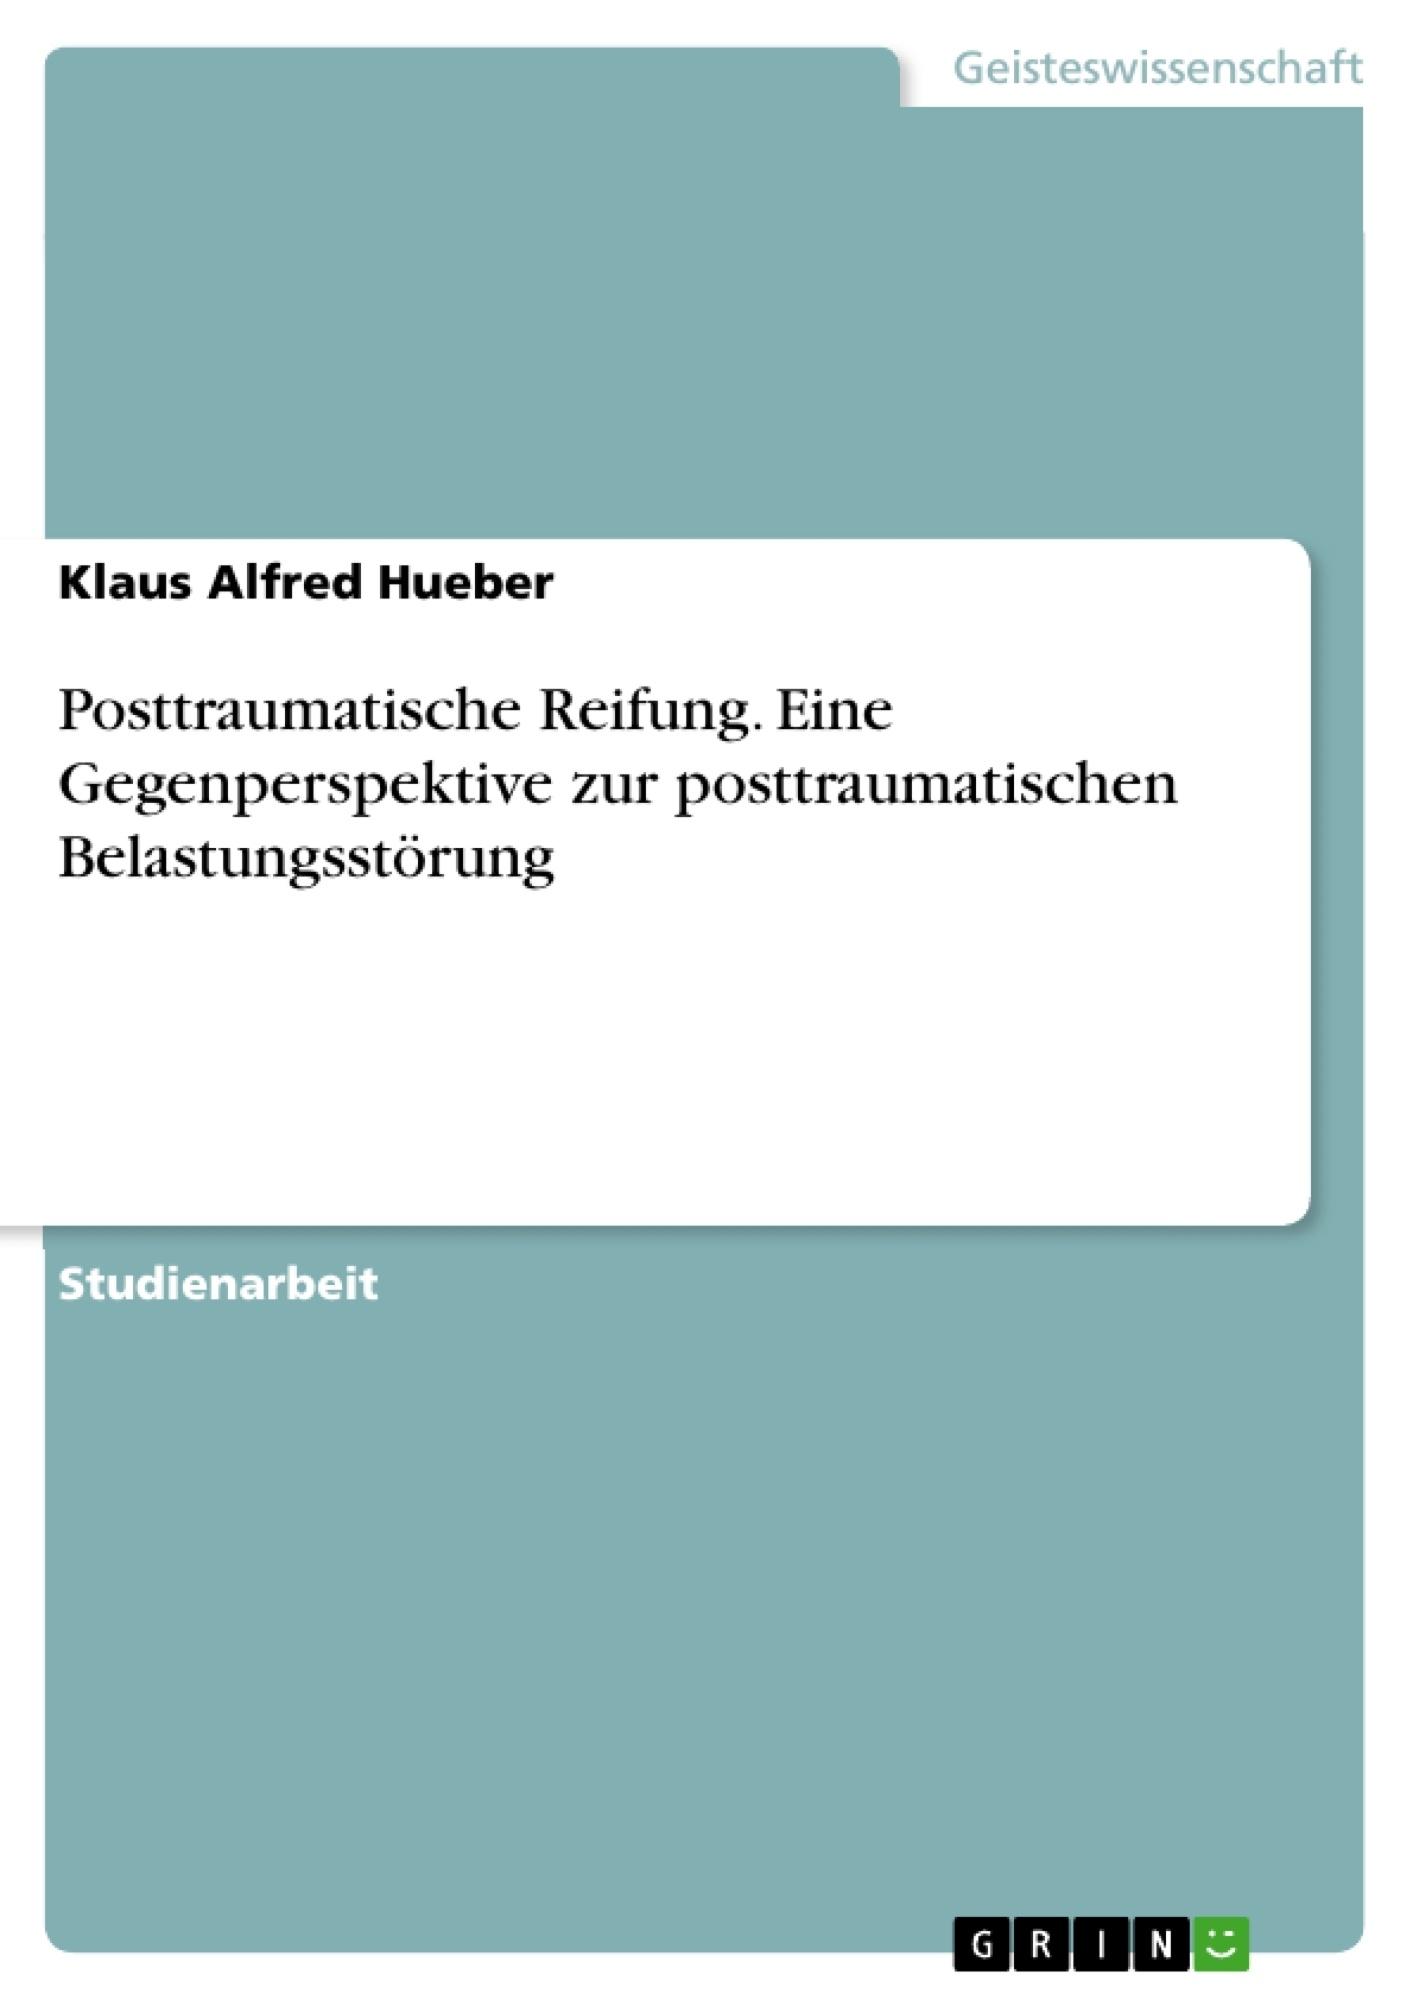 Titel: Posttraumatische Reifung. Eine Gegenperspektive zur posttraumatischen Belastungsstörung